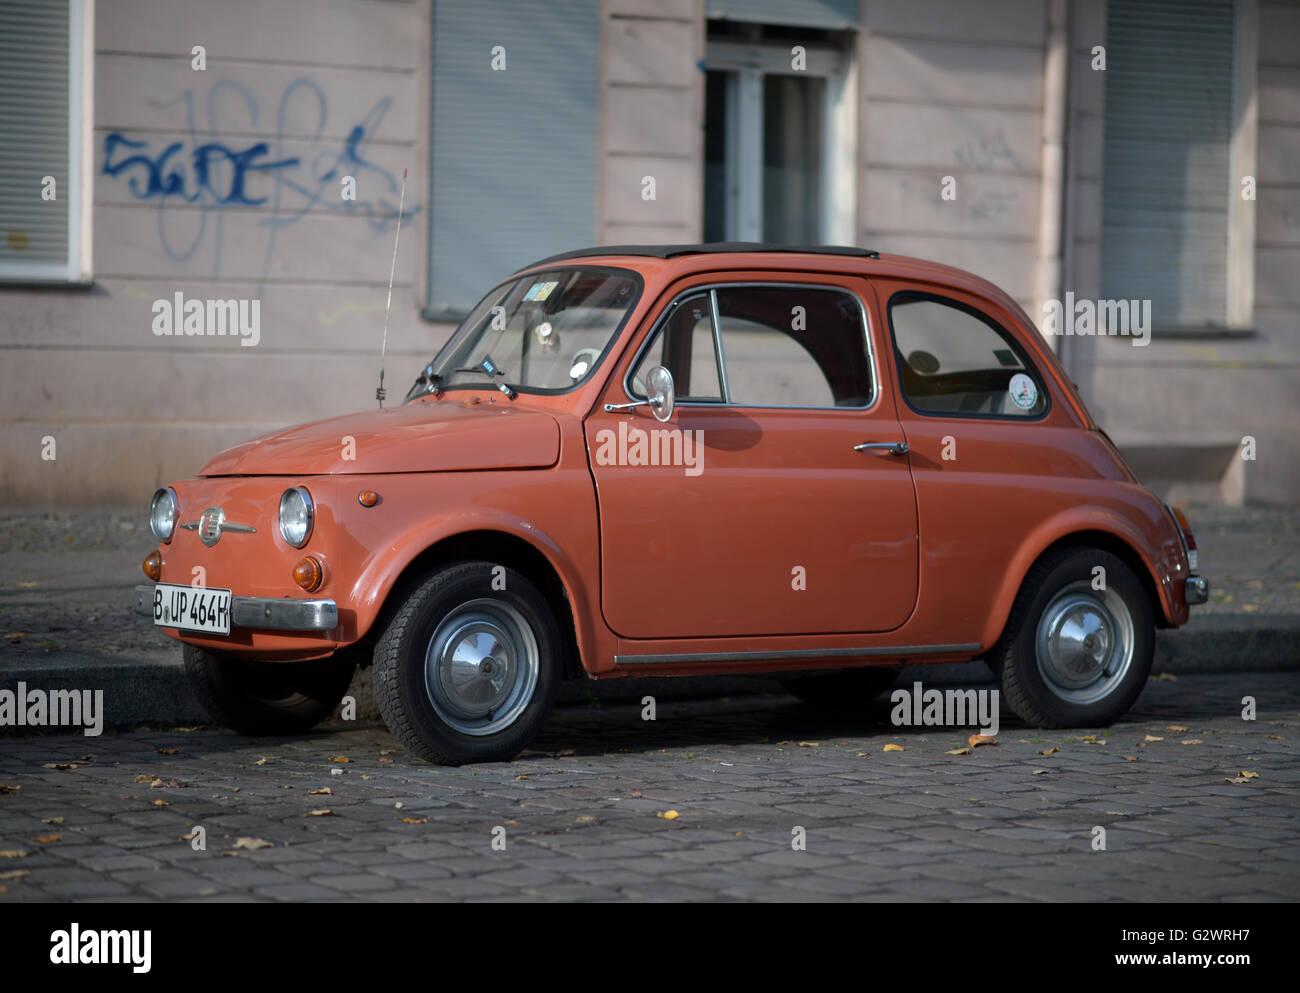 29.10.2015, Berlin, Berlin, Deutschland - roten Fiat 500 ...